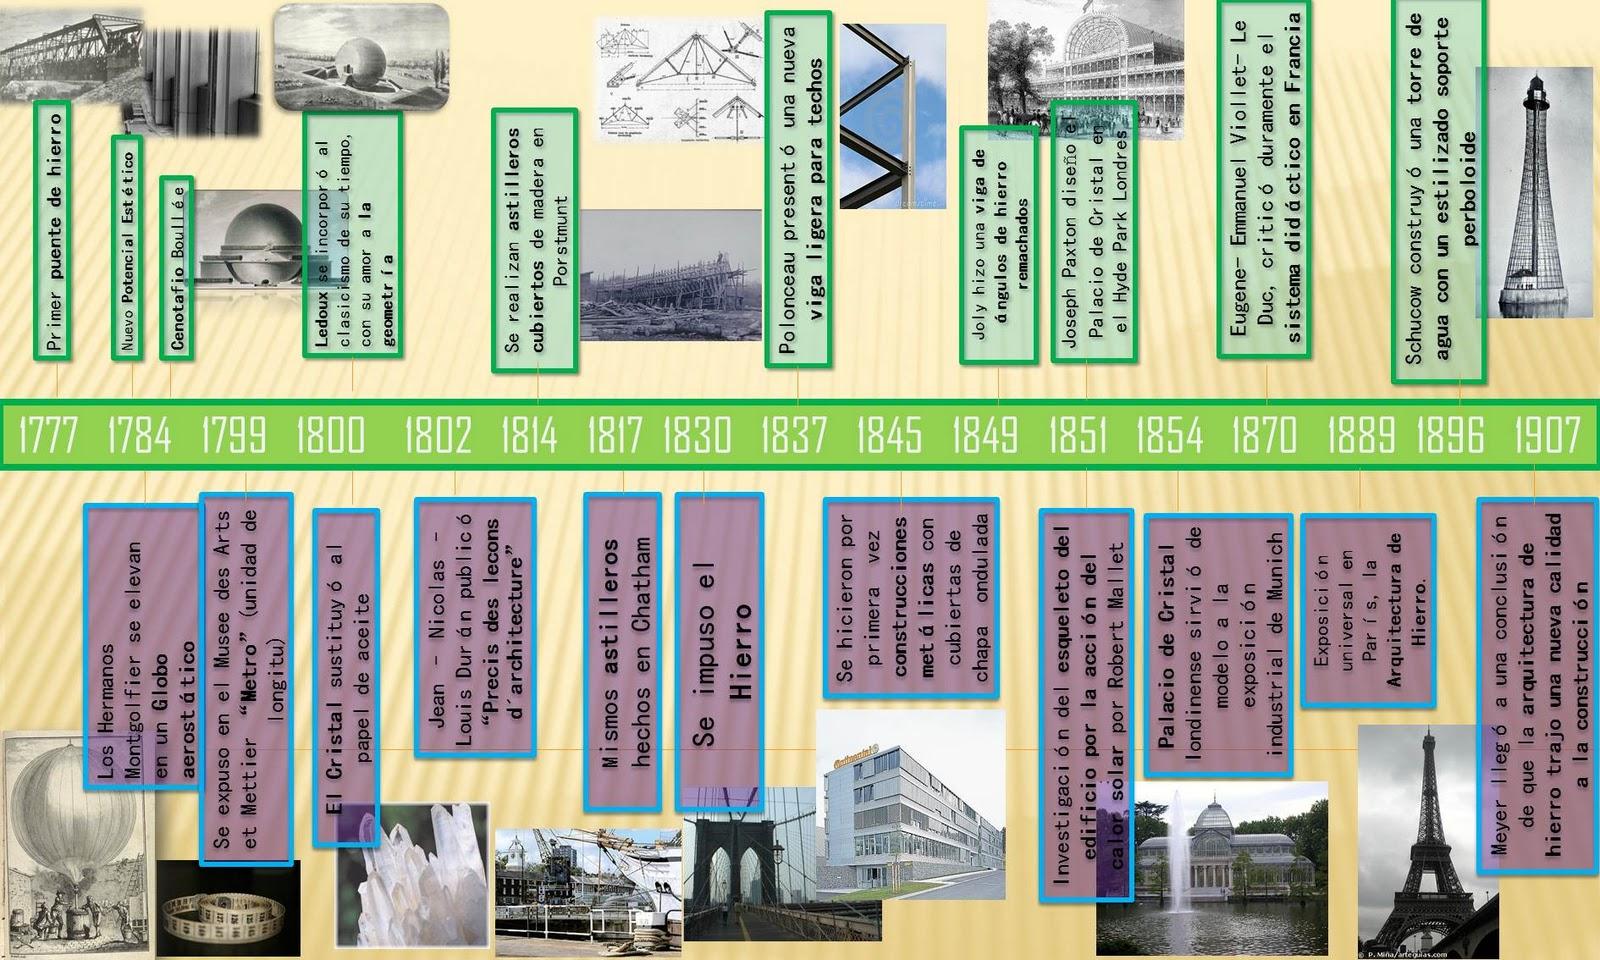 Linea del tiempo linea del tiempo for Arquitectura en linea